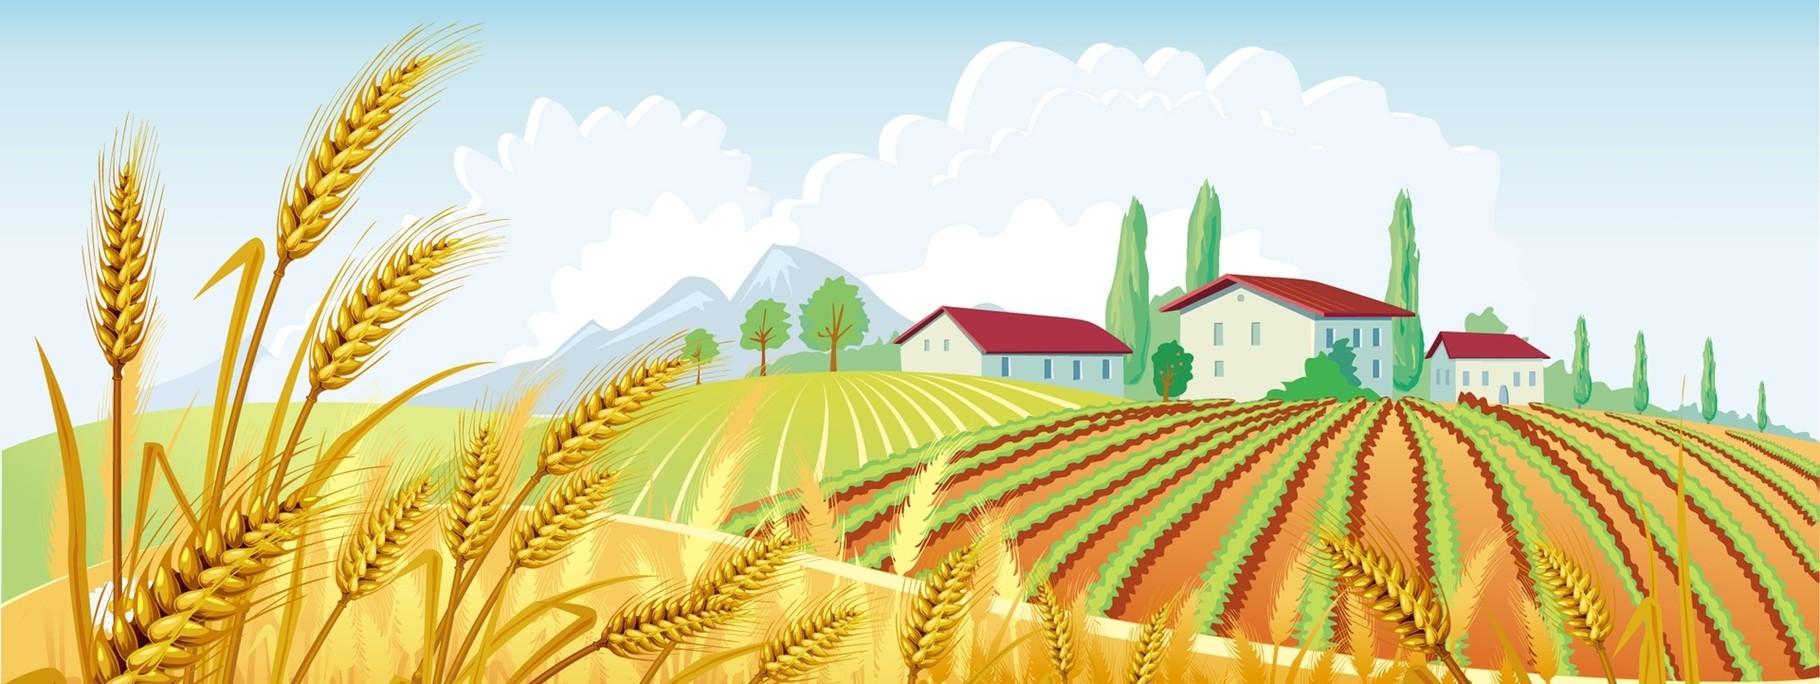 пририсовываем сельское хозяйство картинка рисунок импульсными